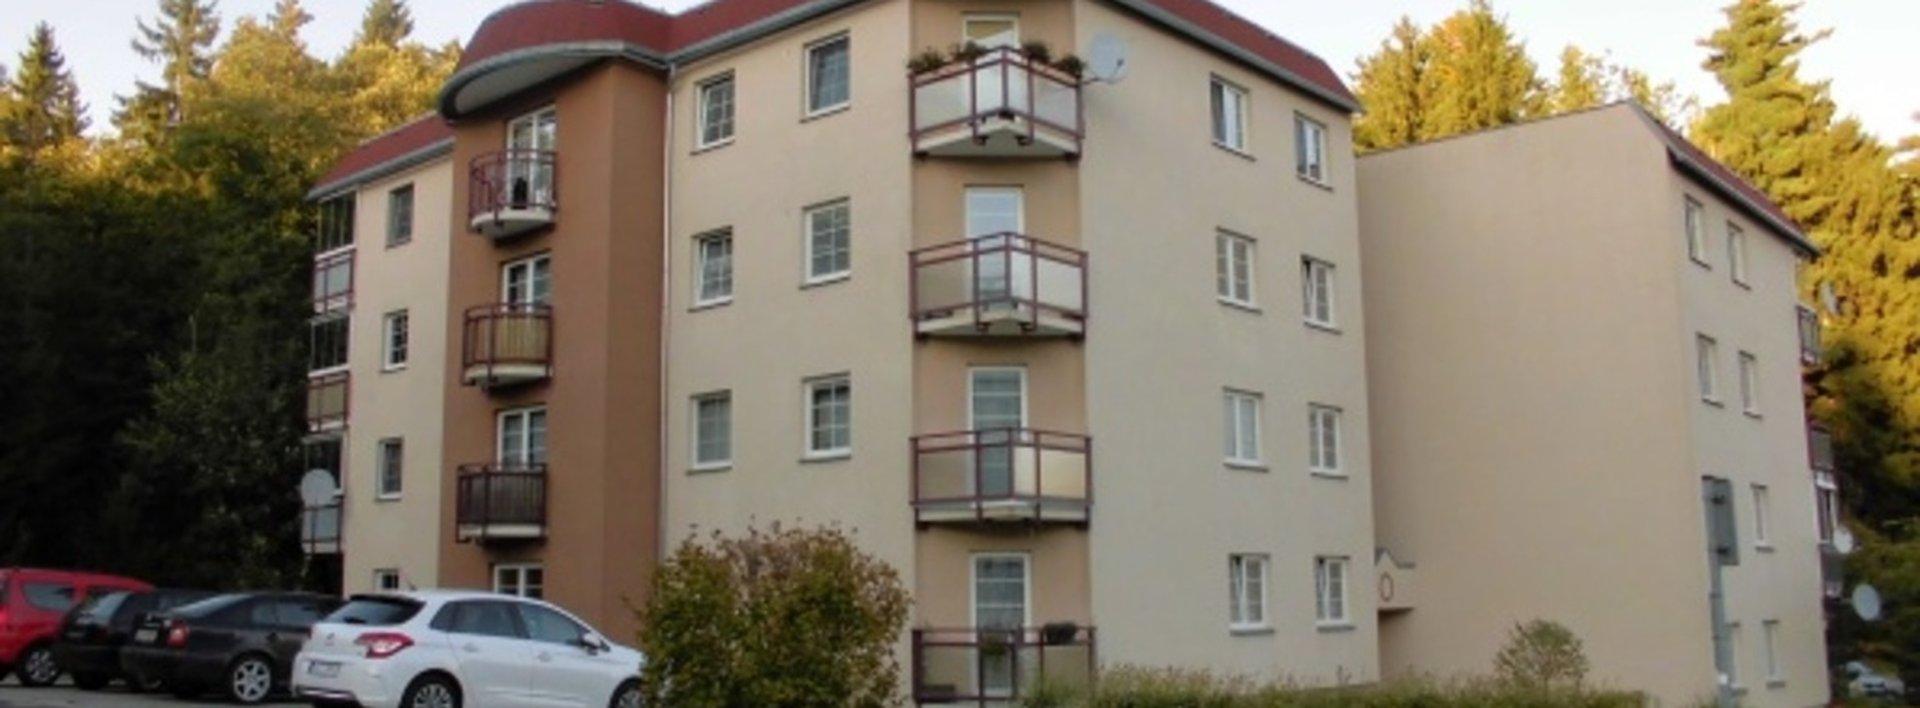 Moderní byt 3+kk+B, 69m2, v blízkosti přírody i samotného centra města JBC, Ev.č.: N46471